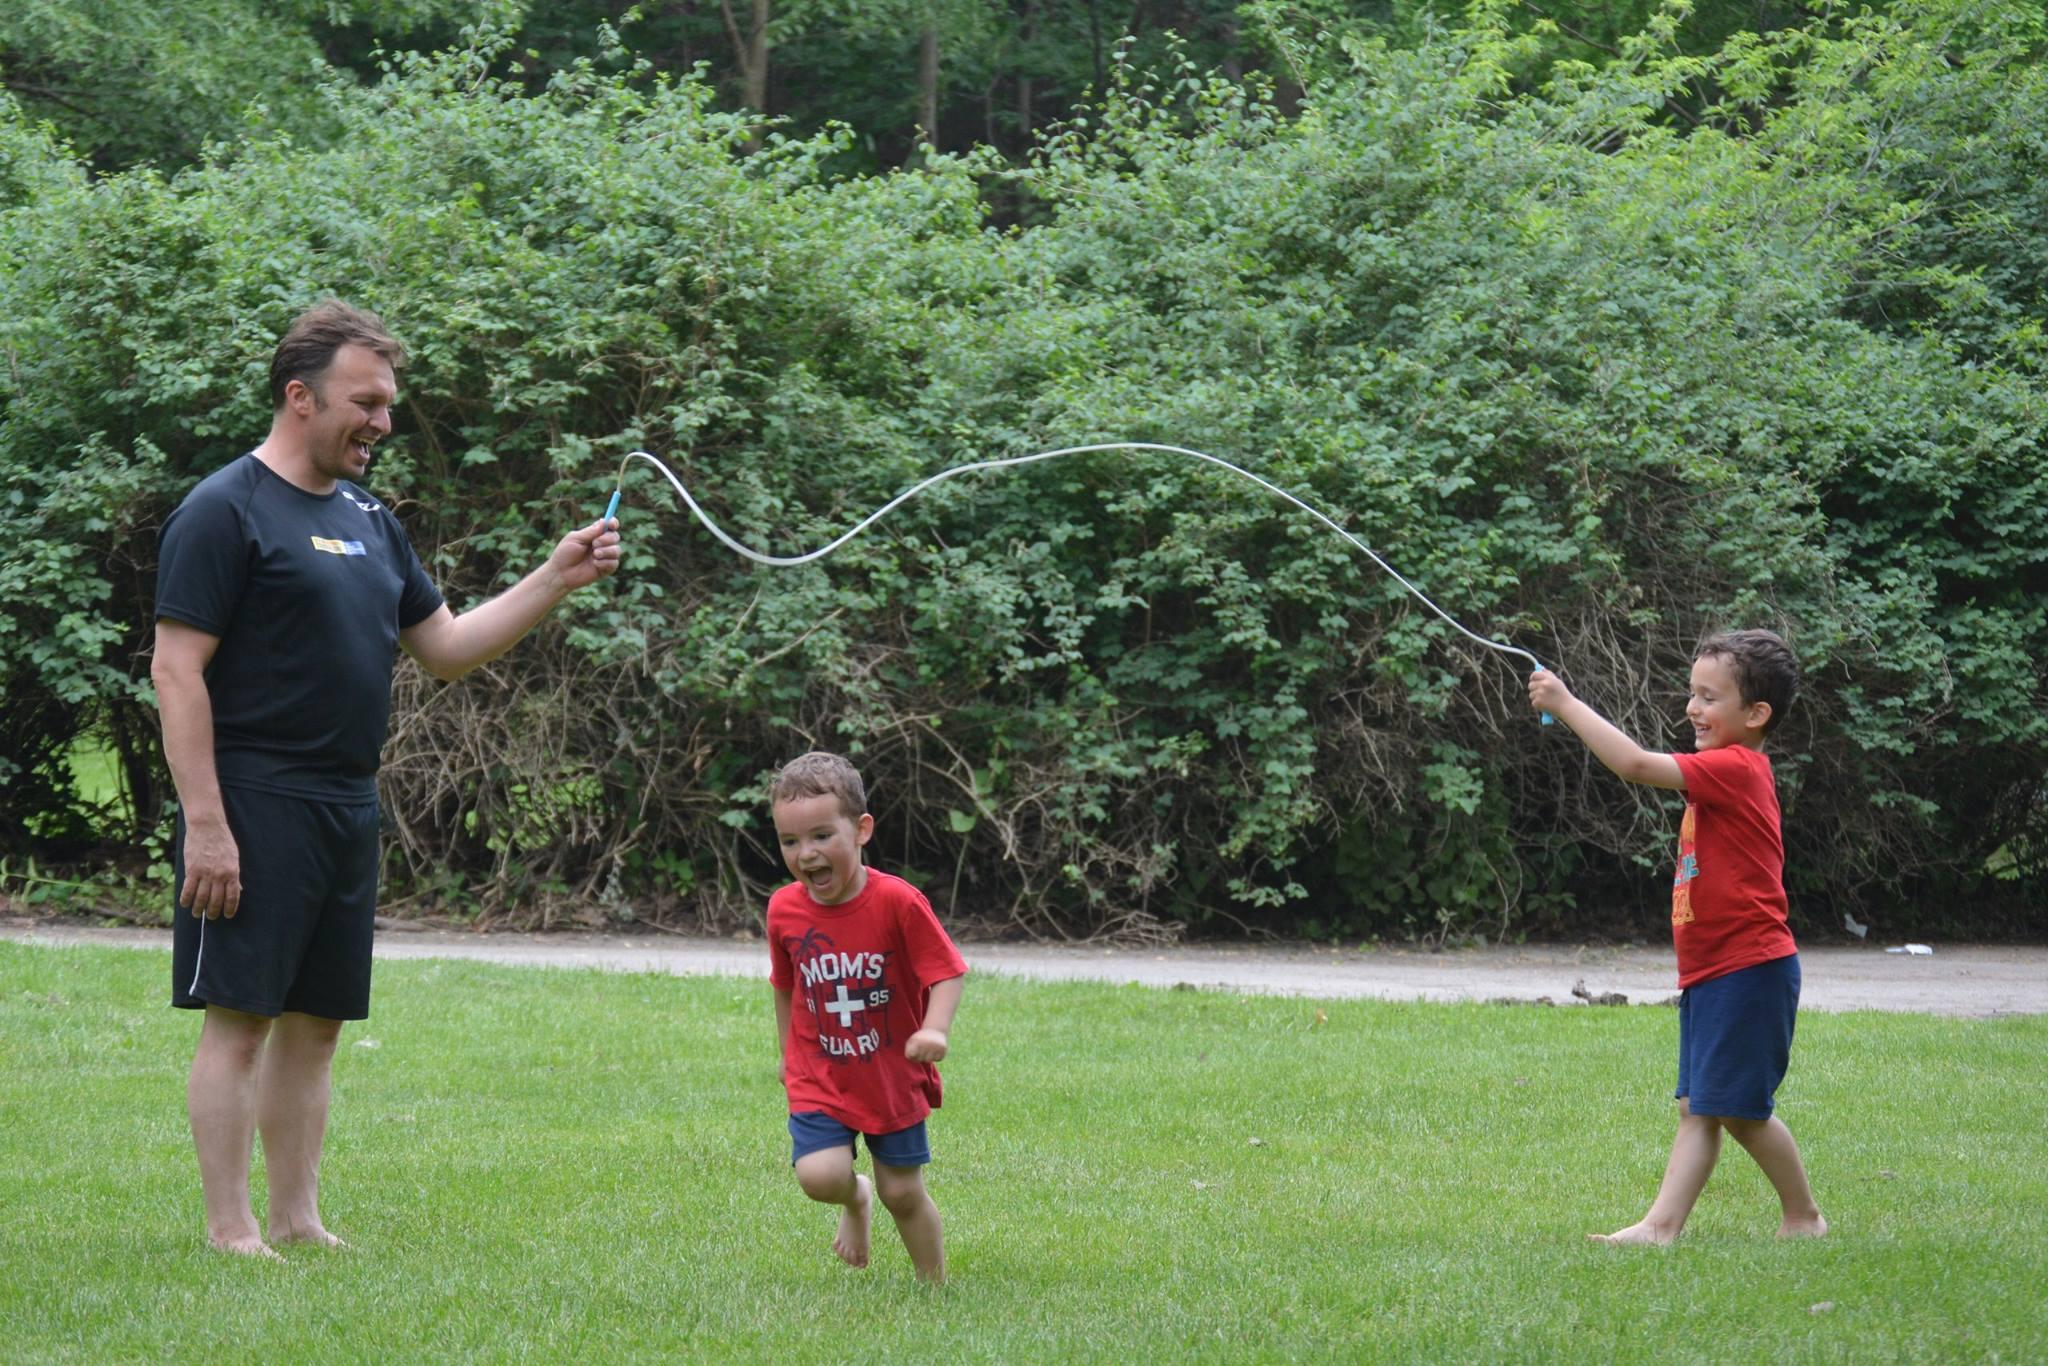 Estudio canadiense vincula el peso y actividad física de los niños con sus padres